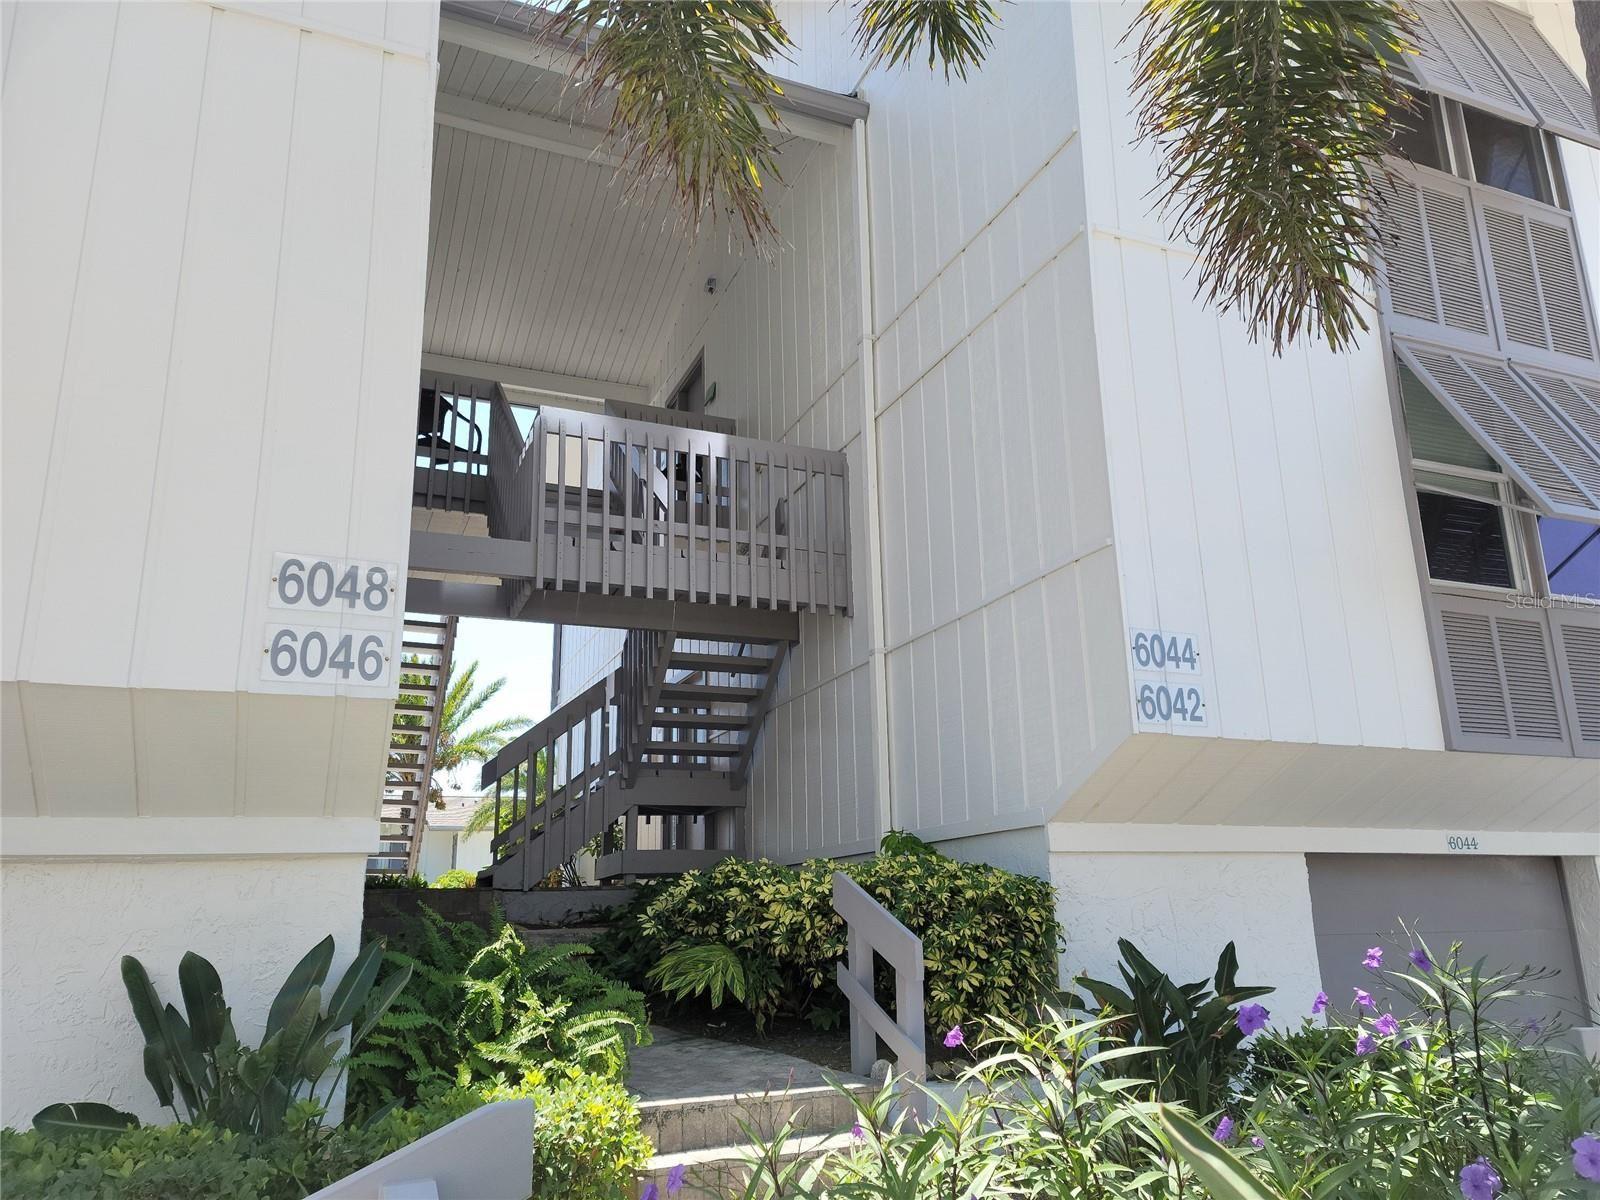 Photo of 6044 W PEPPERTREE WAY #233B, SARASOTA, FL 34242 (MLS # A4511318)